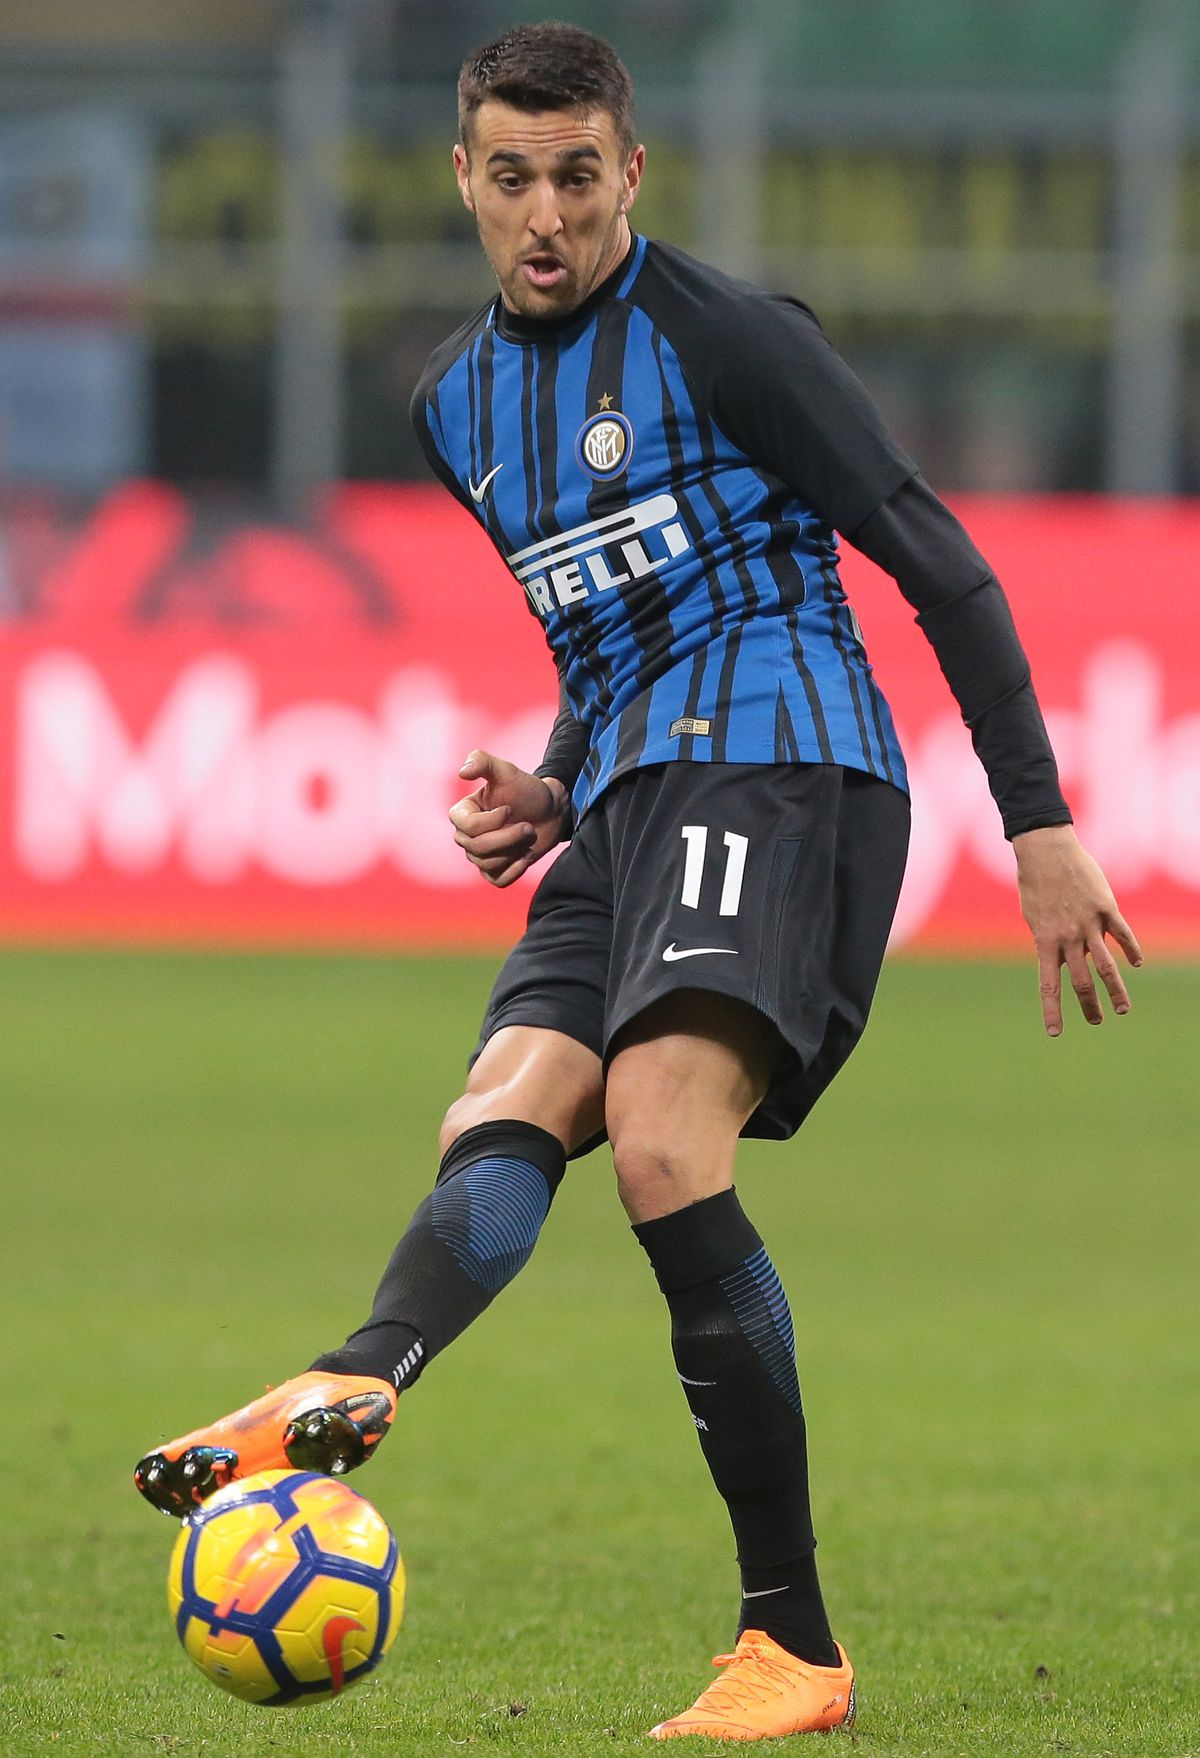 FC Internazionale v Benevento Calcio - Serie A